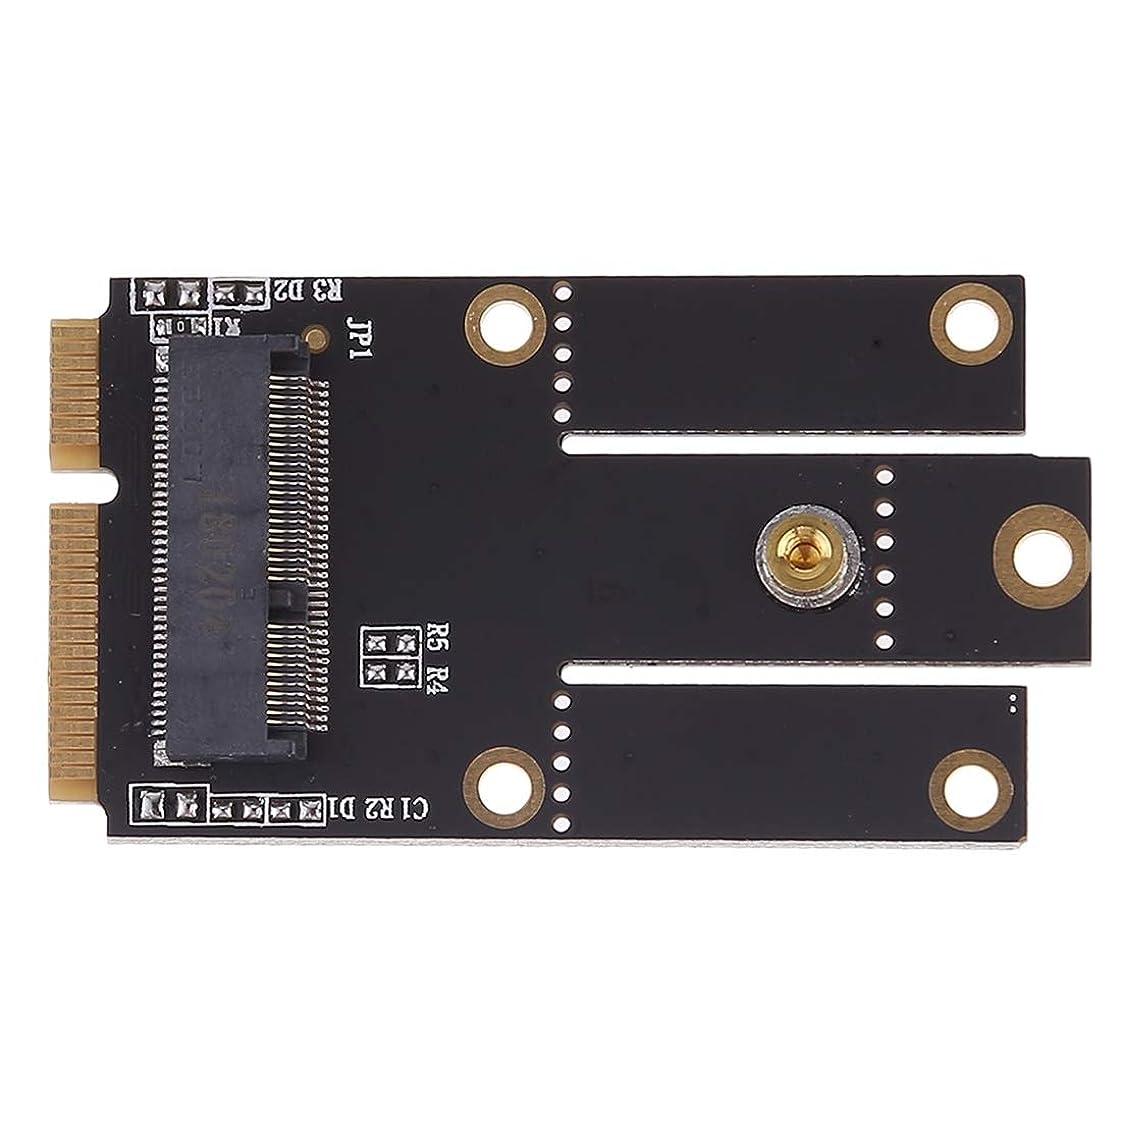 松の木虐殺読み書きのできない携帯電話の交換部品 Intel 9260 8265 7260 AC NGFF Wifi Bluetoothワイヤレスカード用ミニPCI-E PCI Express変換アダプタへのM.2 NGFFキーA